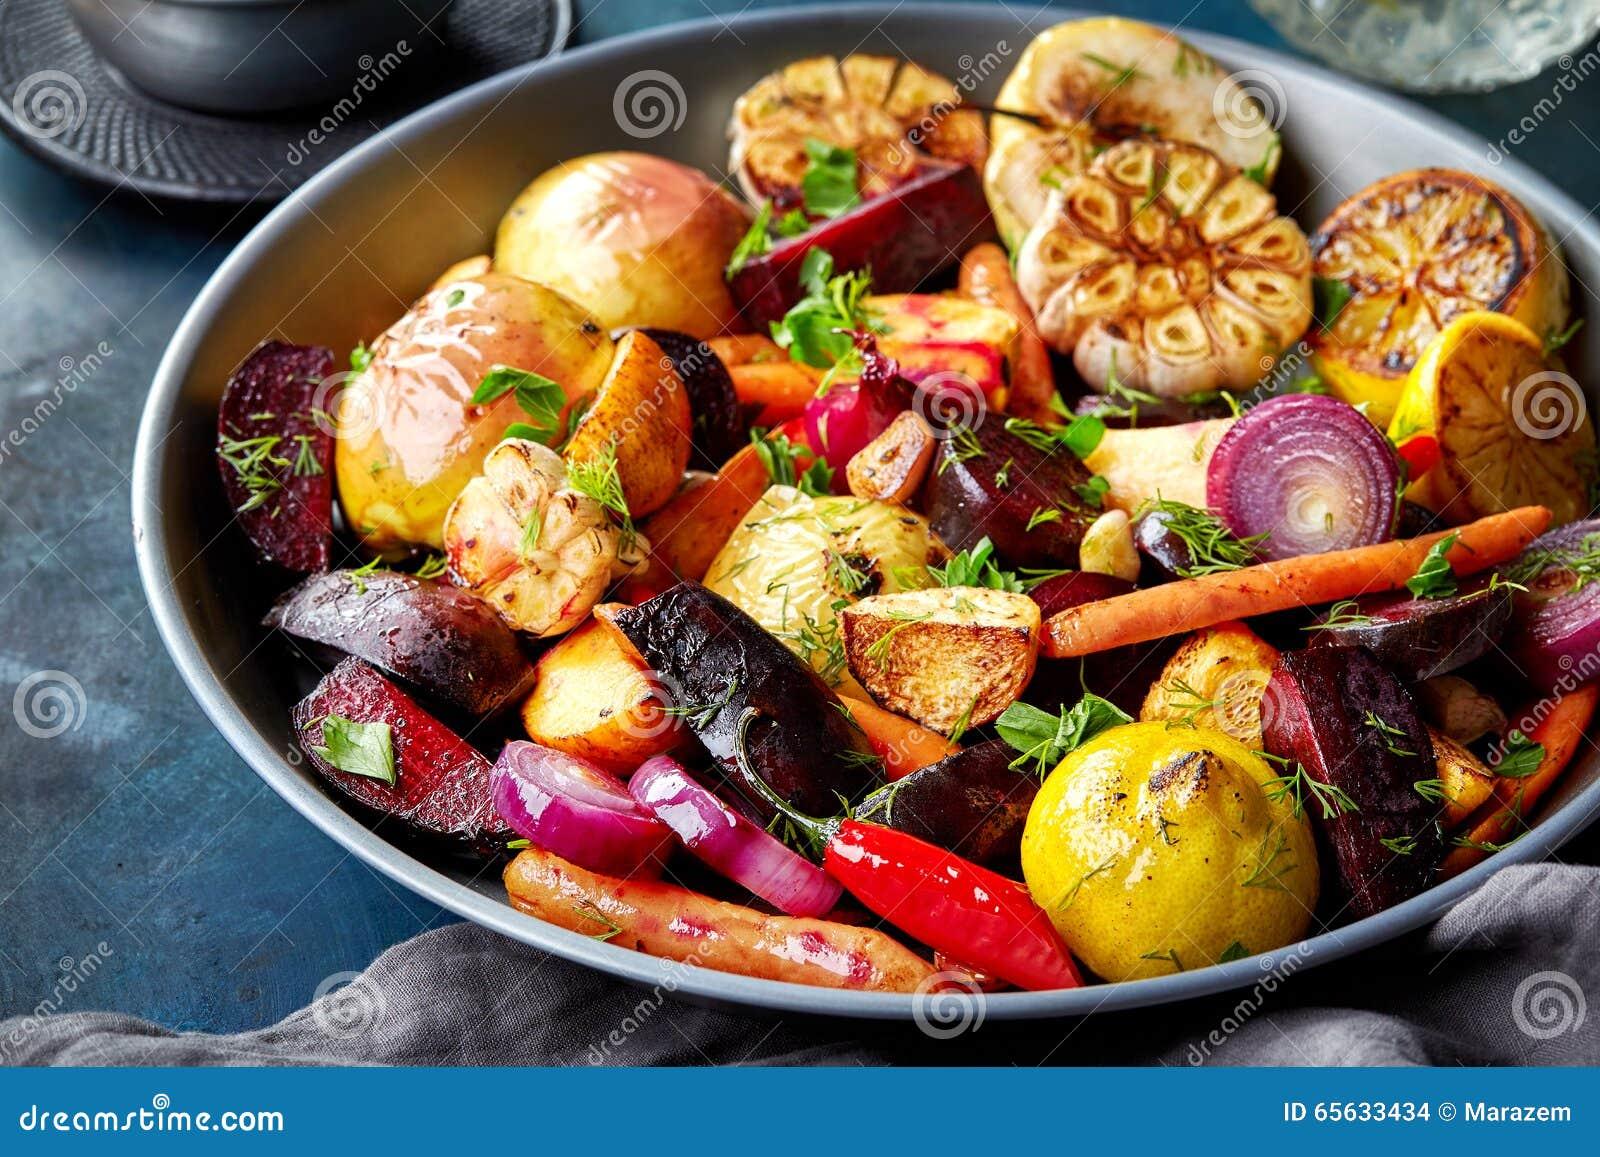 Divers fruits et légumes rôtis